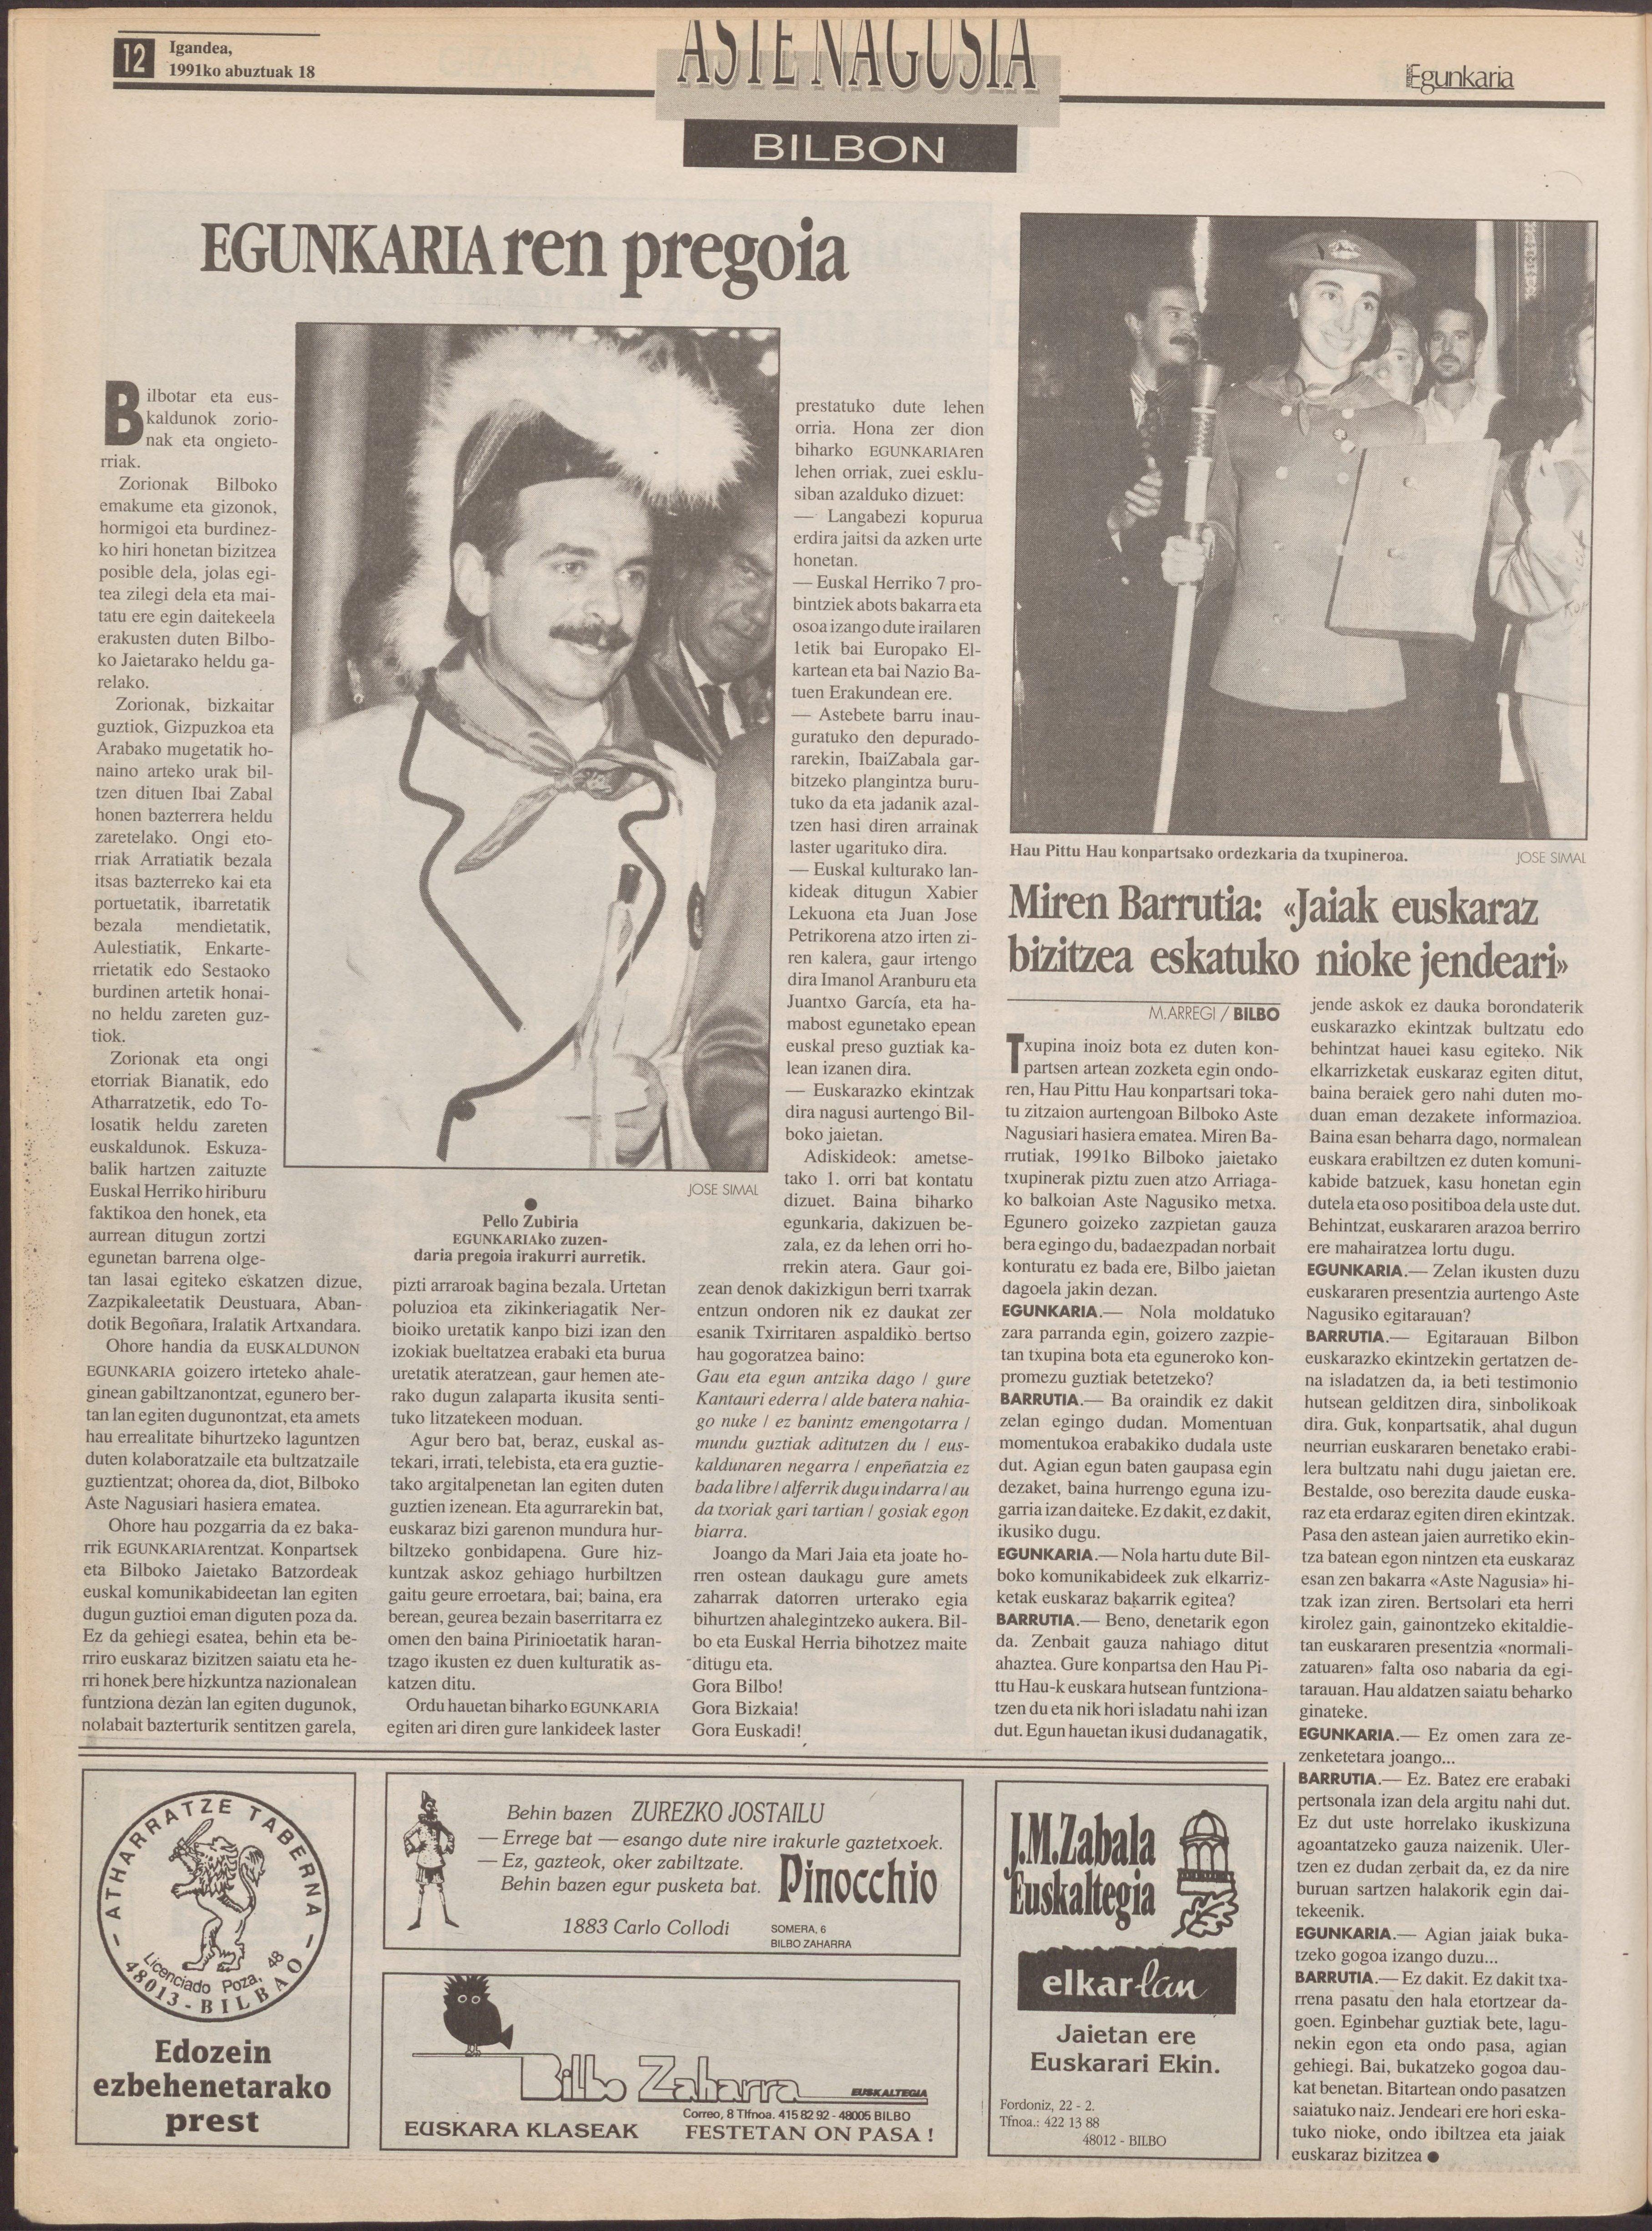 1991ko abuztuak 18, 12. orrialdea